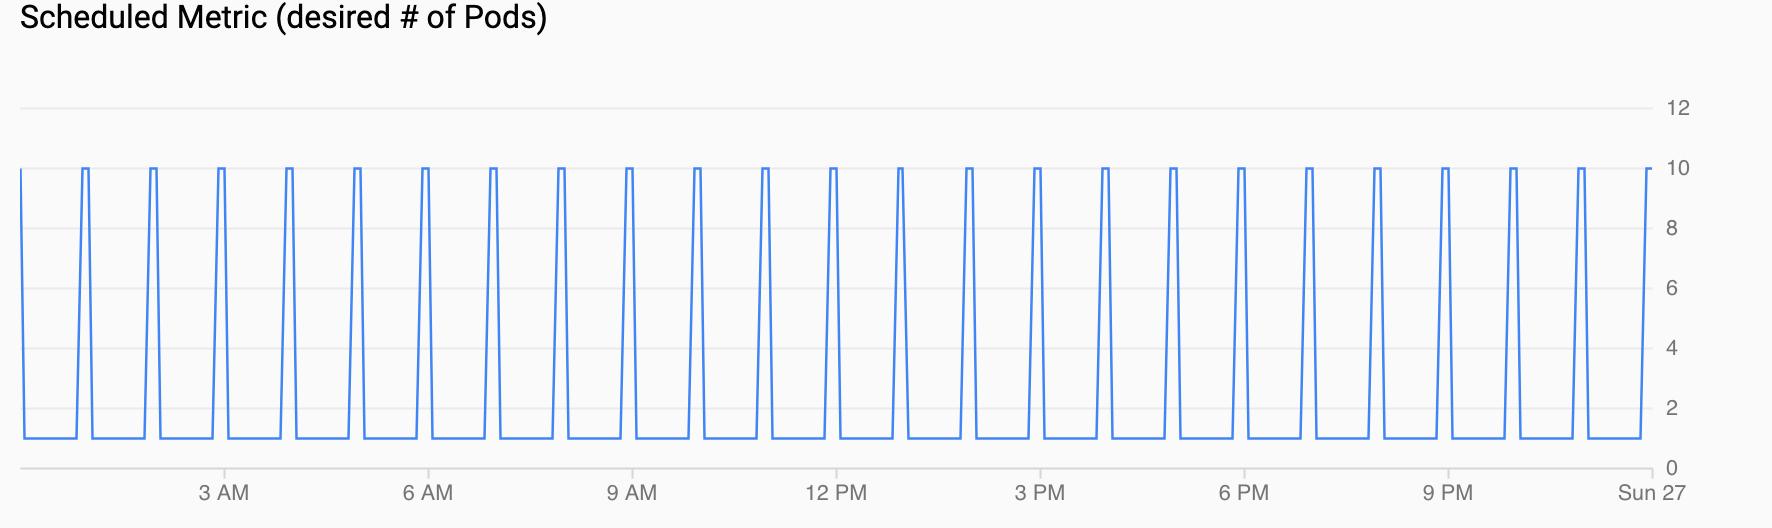 매시간 급증을 보여주는 pod 수요 그래프